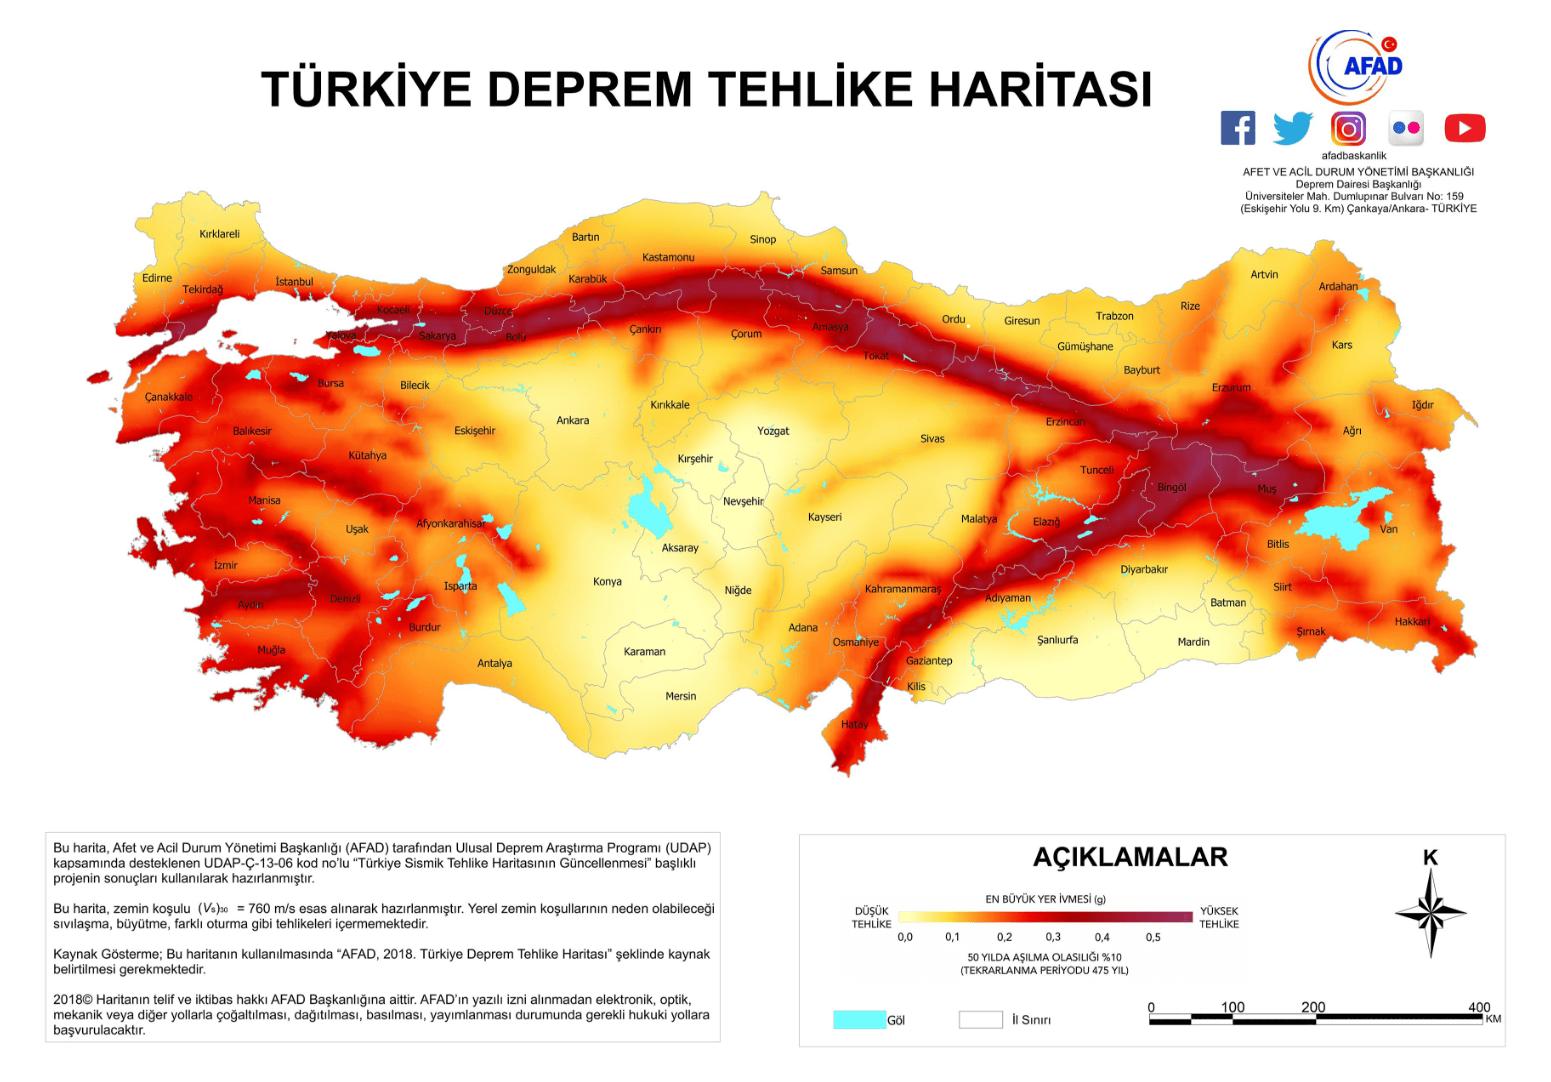 Türkiye Deprem Tehlike Haritası